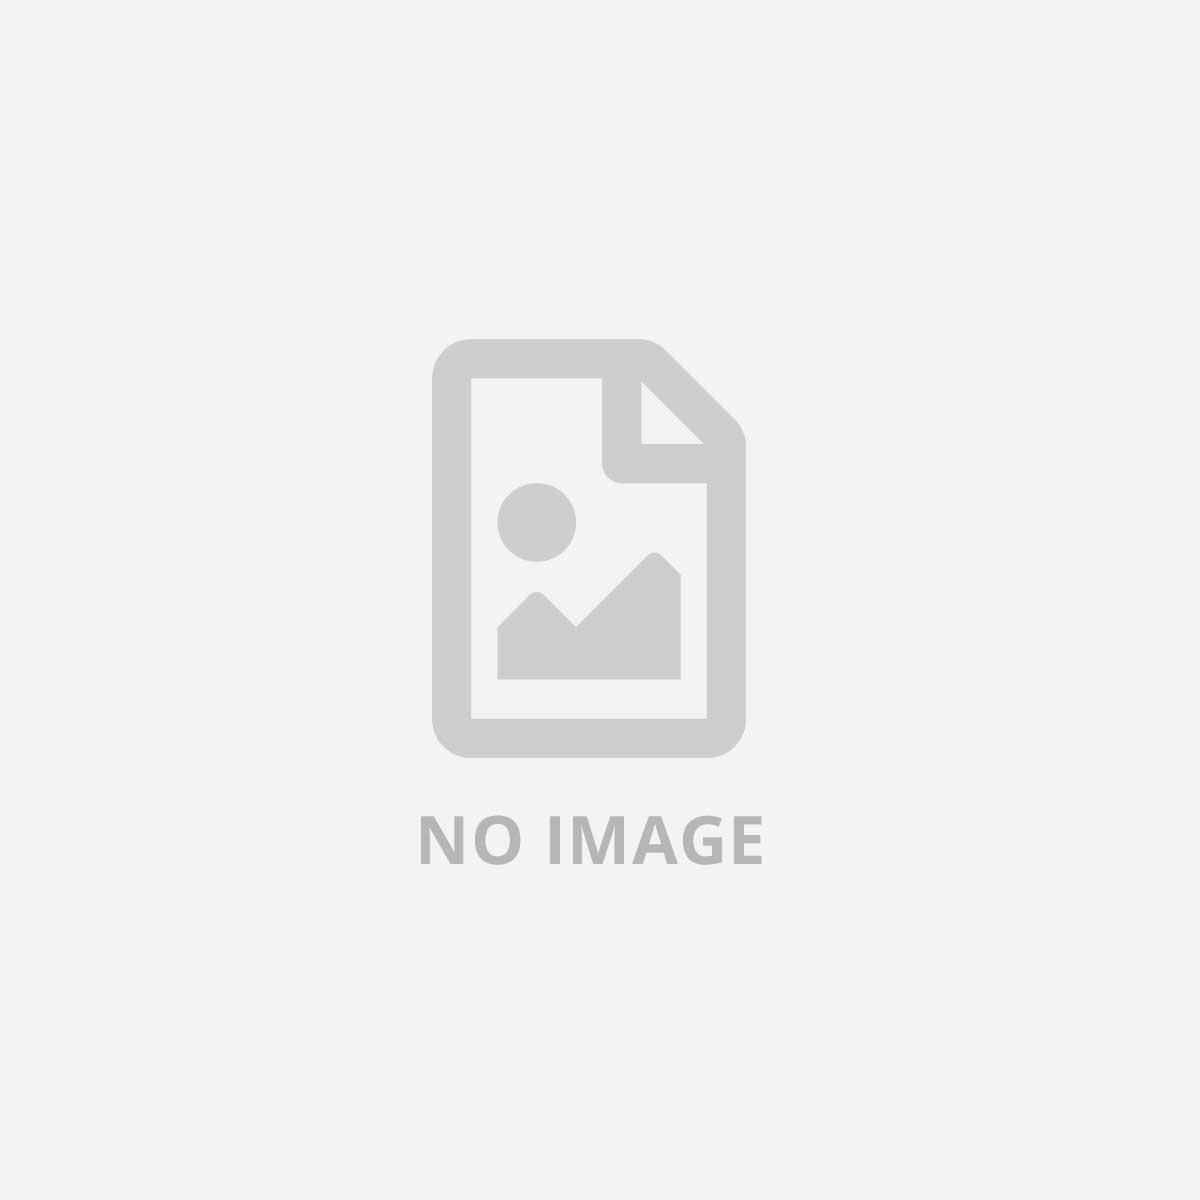 MAXELL CONFEZIONE 10 CD-R SENZA CUSTODIA S